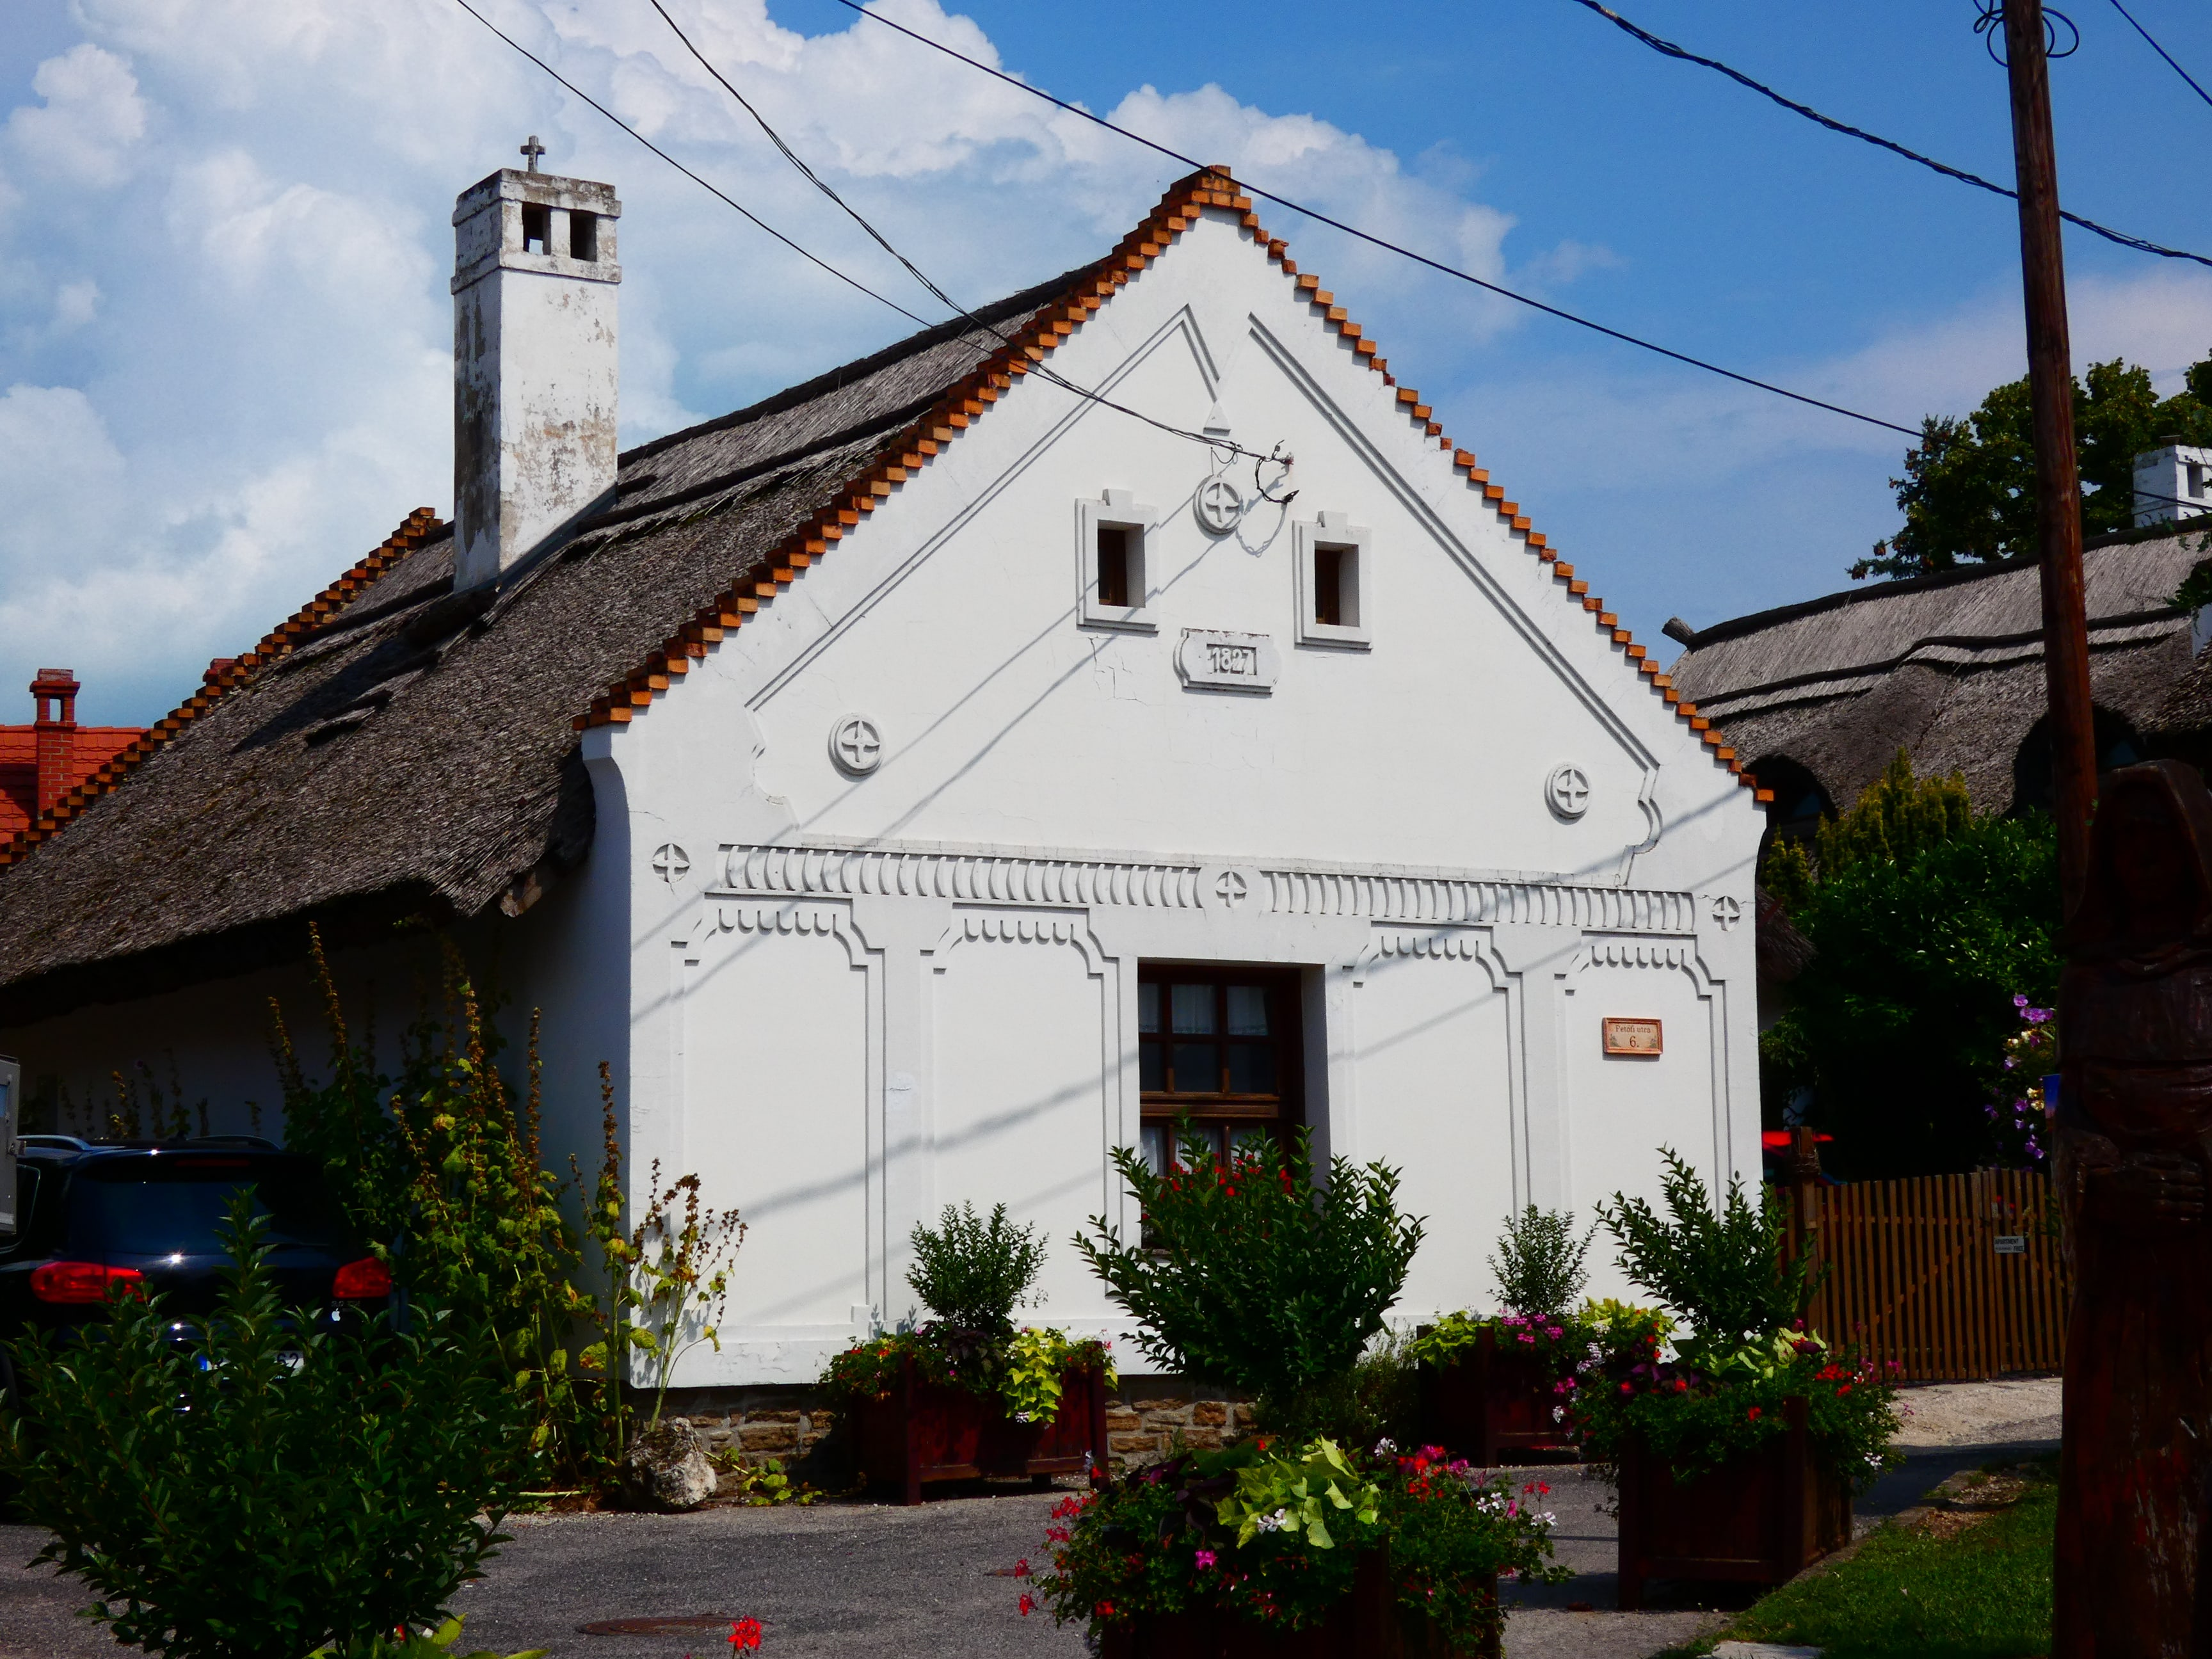 Ebben a 19. századi, szépen felújított házban most panzió működik a Petőfi Sándor utcában.